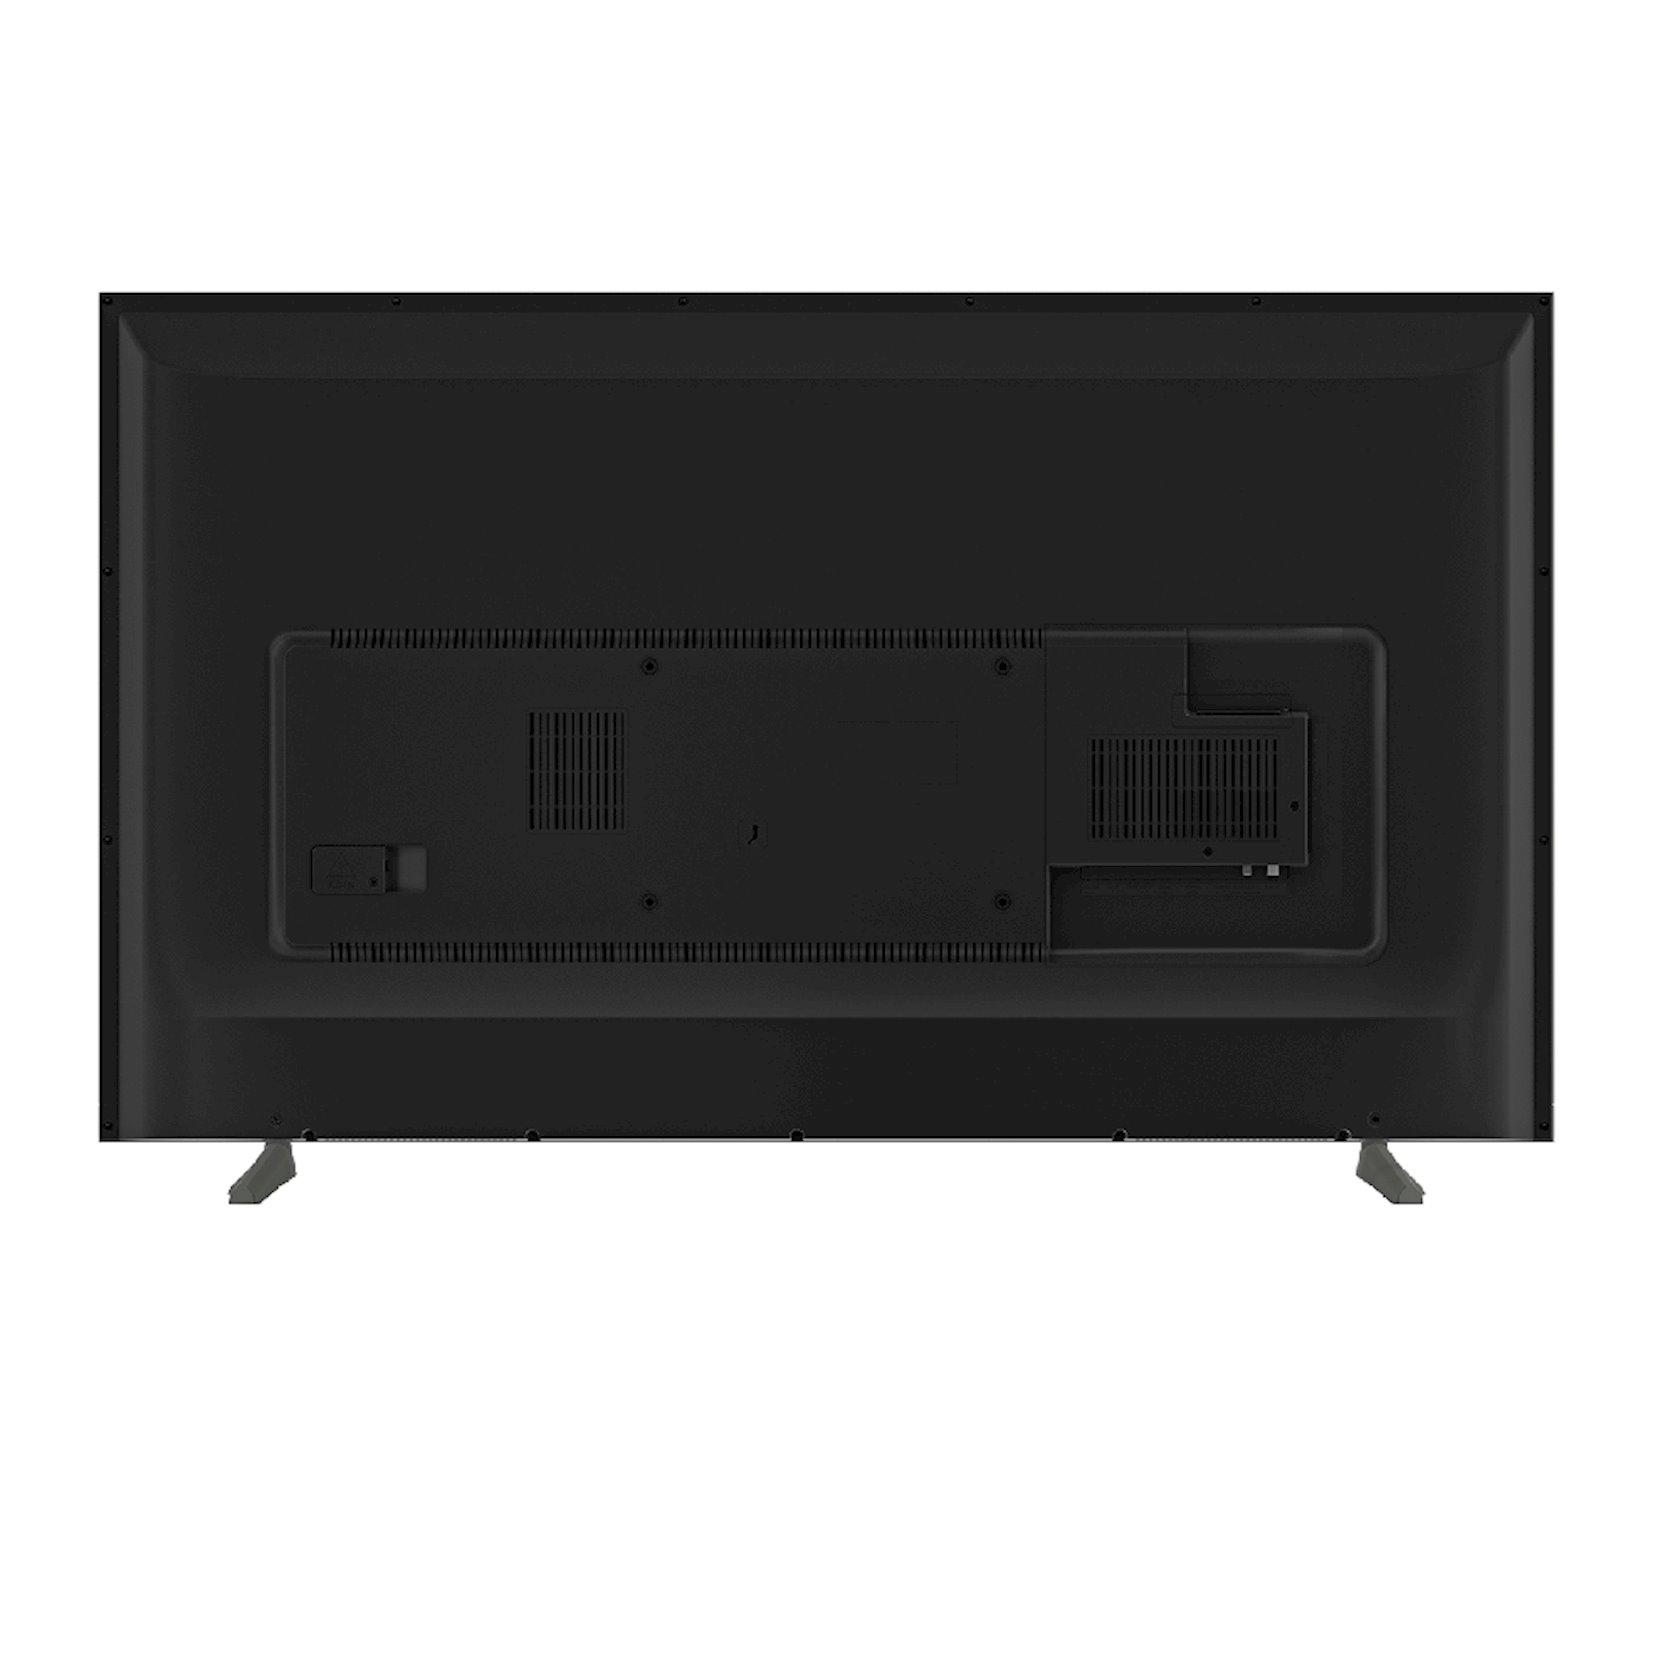 Televizor Arçelik A55L 8900 5A Diamond Pro